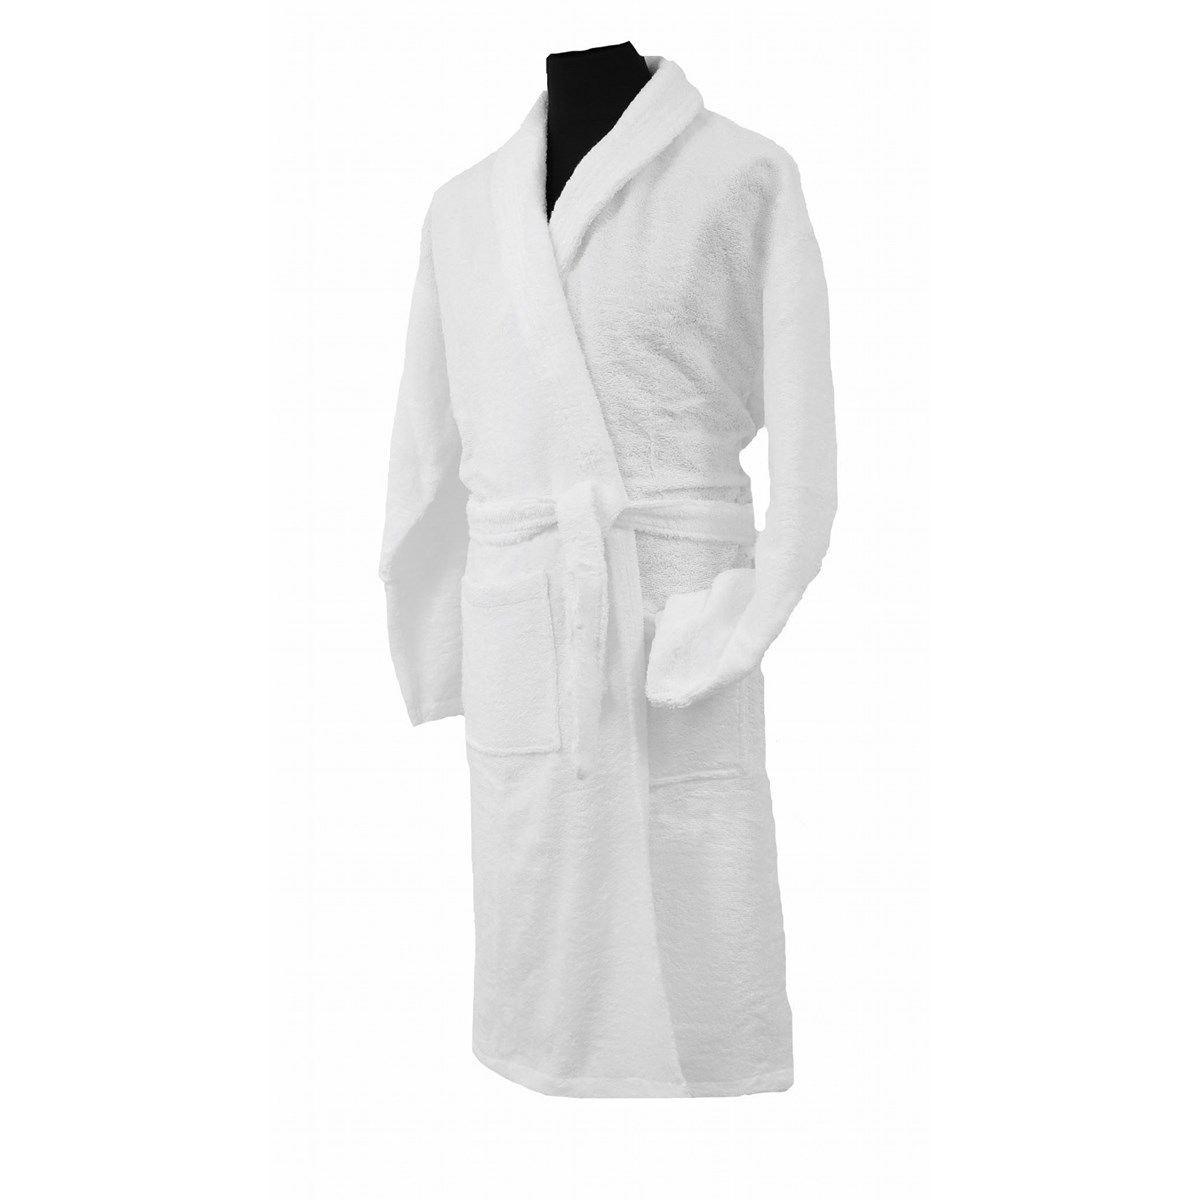 CONFORT - Peignoir mixte col chale coton blanc M (photo)